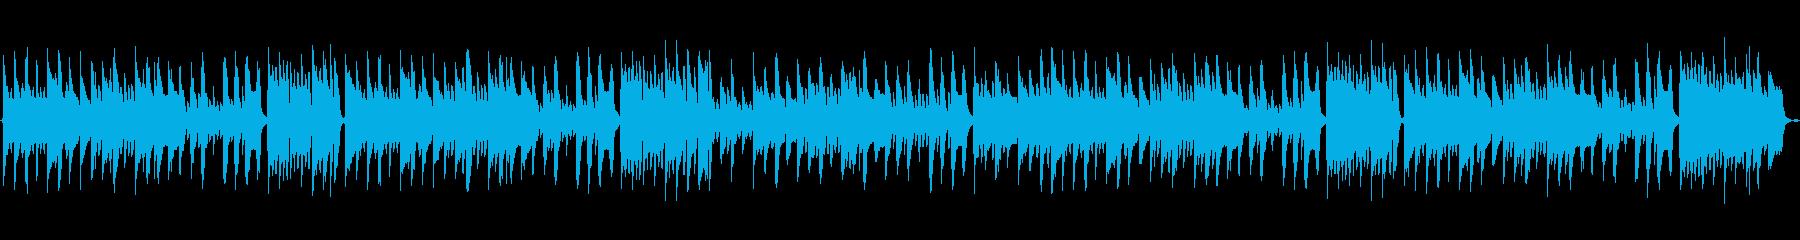 ほんわか日常ほのぼのマリンバBGMの再生済みの波形